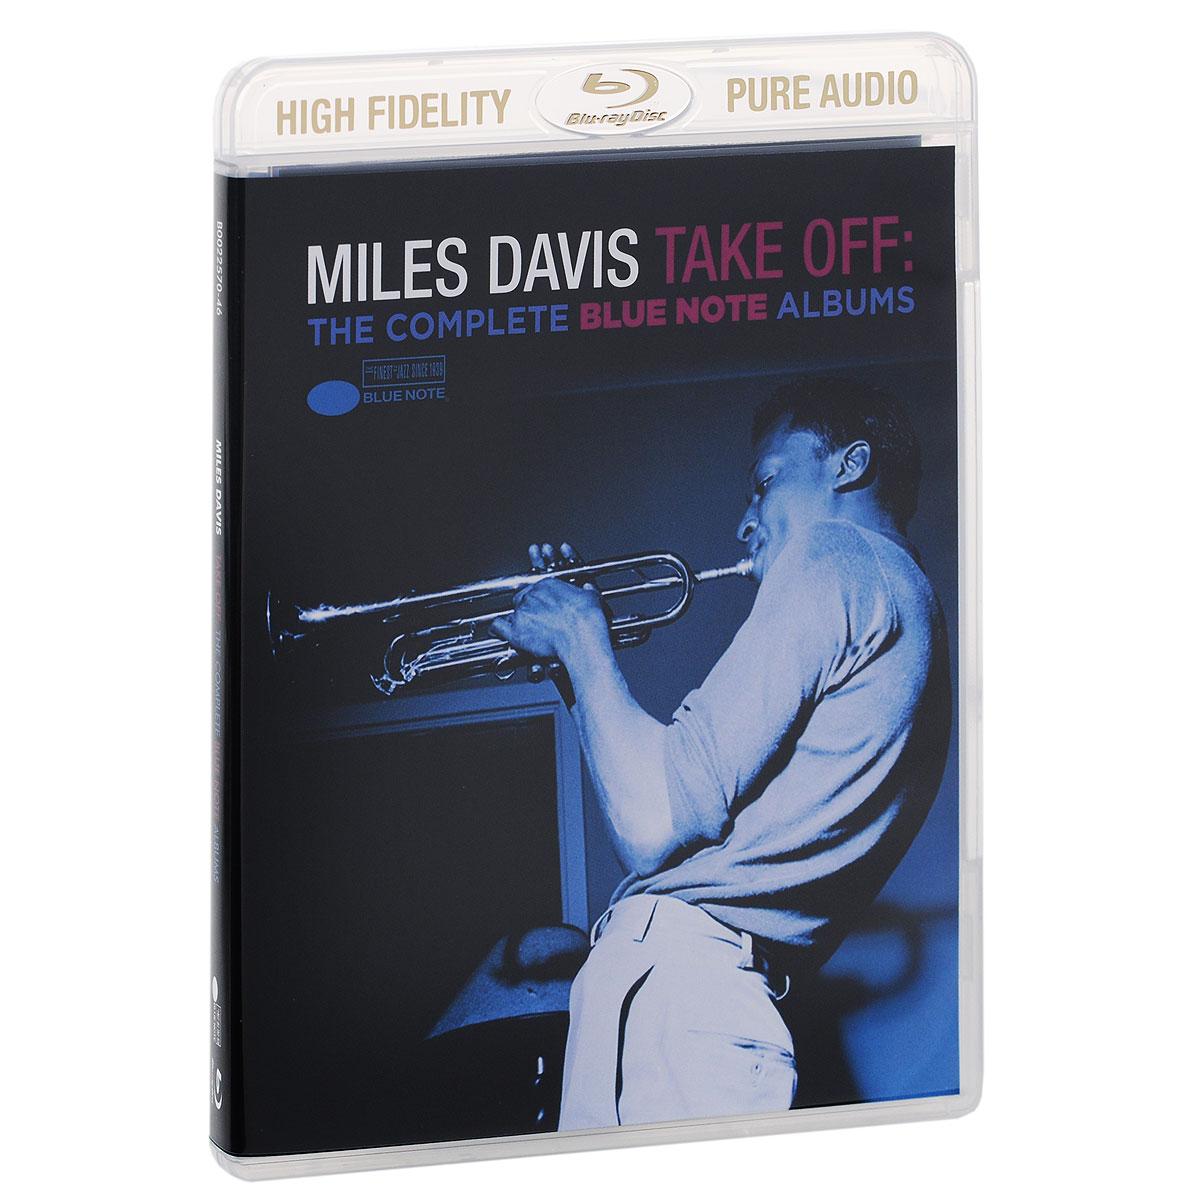 Издание содержит иллюстрированный 28-страничный буклет с дополнительной информацией на английском языке, а также секретный код для загрузки цифровой версии альбома.